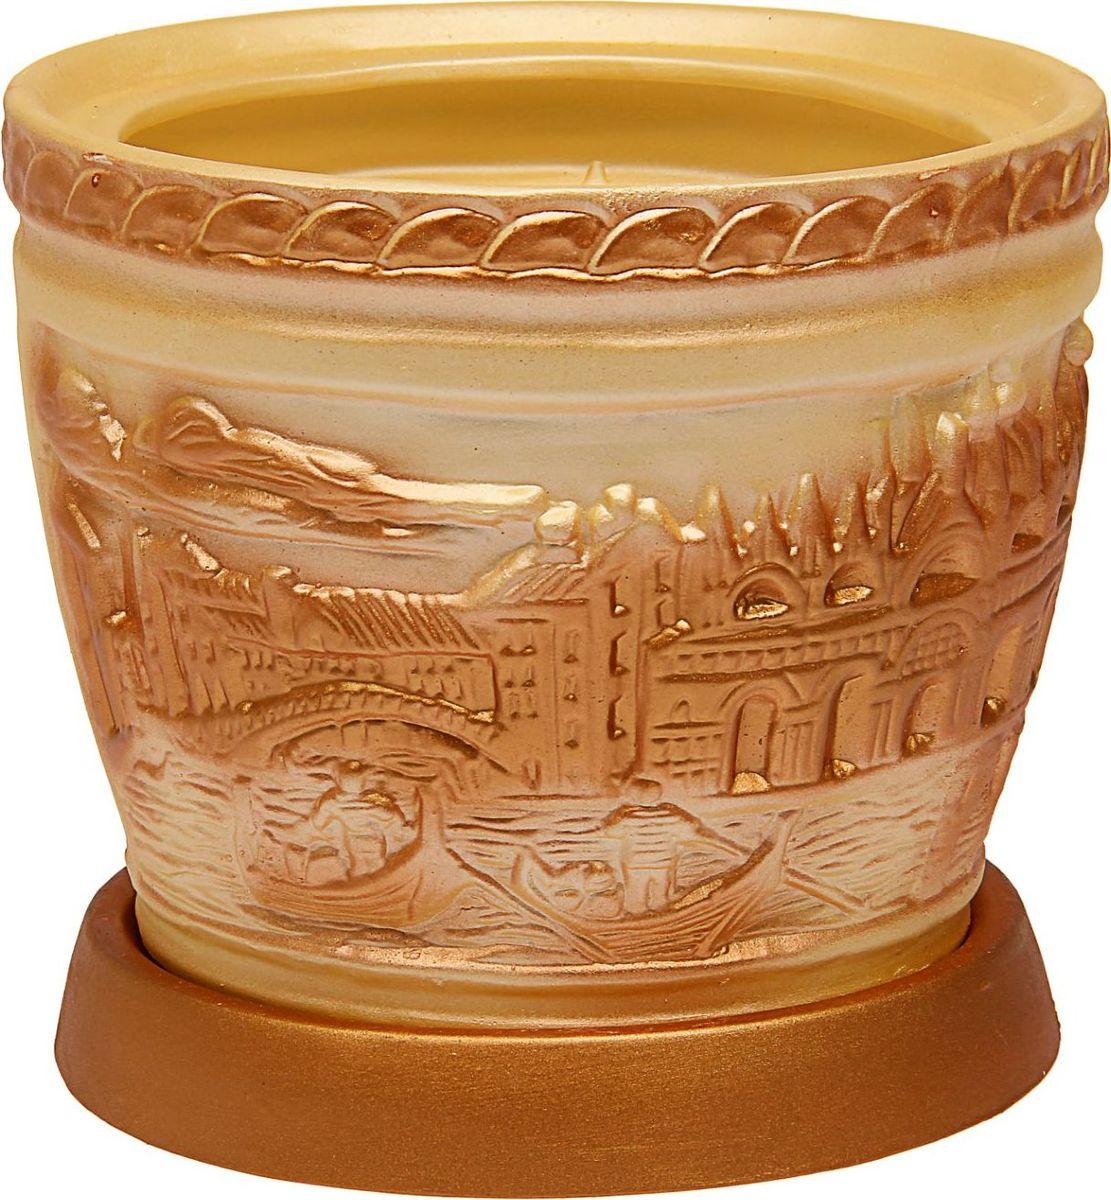 Кашпо Керамика ручной работы, цвет: слоновая кость, 4,5 л1465283Комнатные растения — всеобщие любимцы. Они радуют глаз, насыщают помещение кислородом и украшают пространство. Каждому из них необходим свой удобный и красивый дом. Кашпо из керамики прекрасно подходят для высадки растений: за счёт пластичности глины и разных способов обработки существует великое множество форм и дизайновпористый материал позволяет испаряться лишней влагевоздух, необходимый для дыхания корней, проникает сквозь керамические стенки! #name# позаботится о зелёном питомце, освежит интерьер и подчеркнёт его стиль.